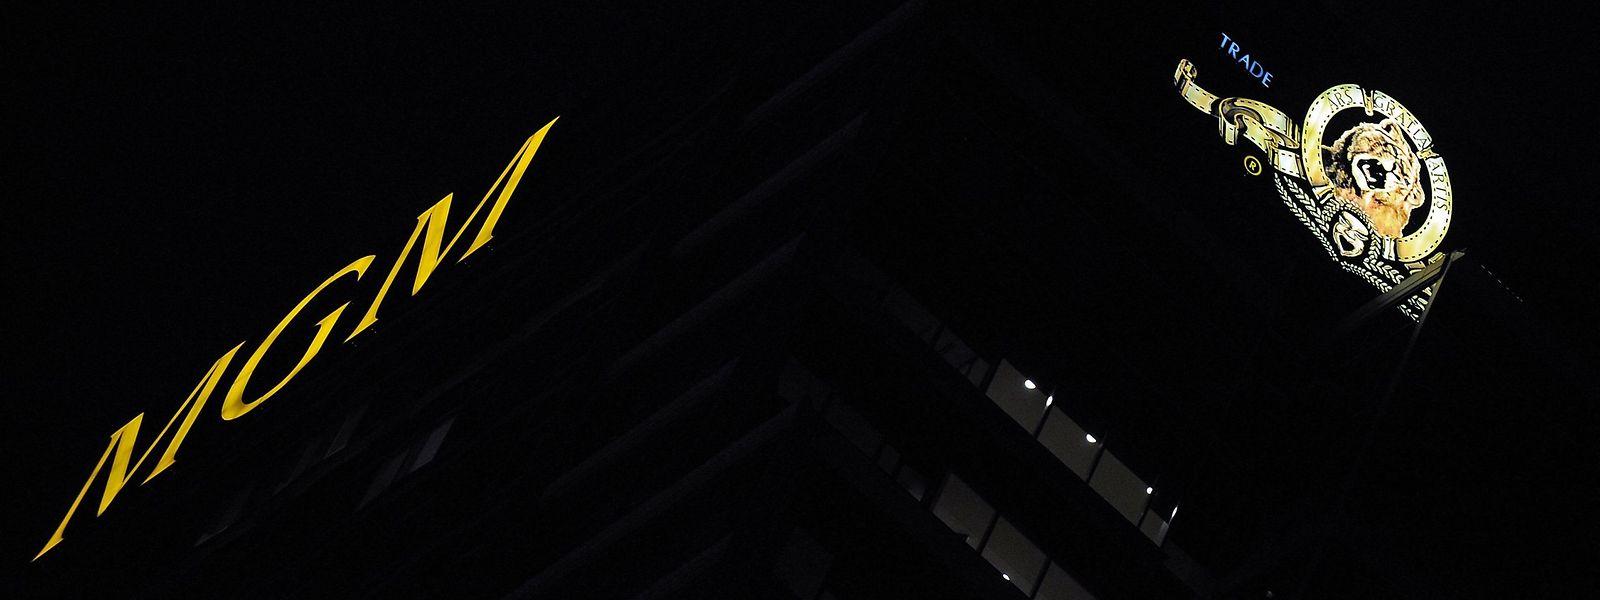 Der MGM-Turm in Los Angeles mit dem berühmten Löwen auf der Seite des Gebäudes.